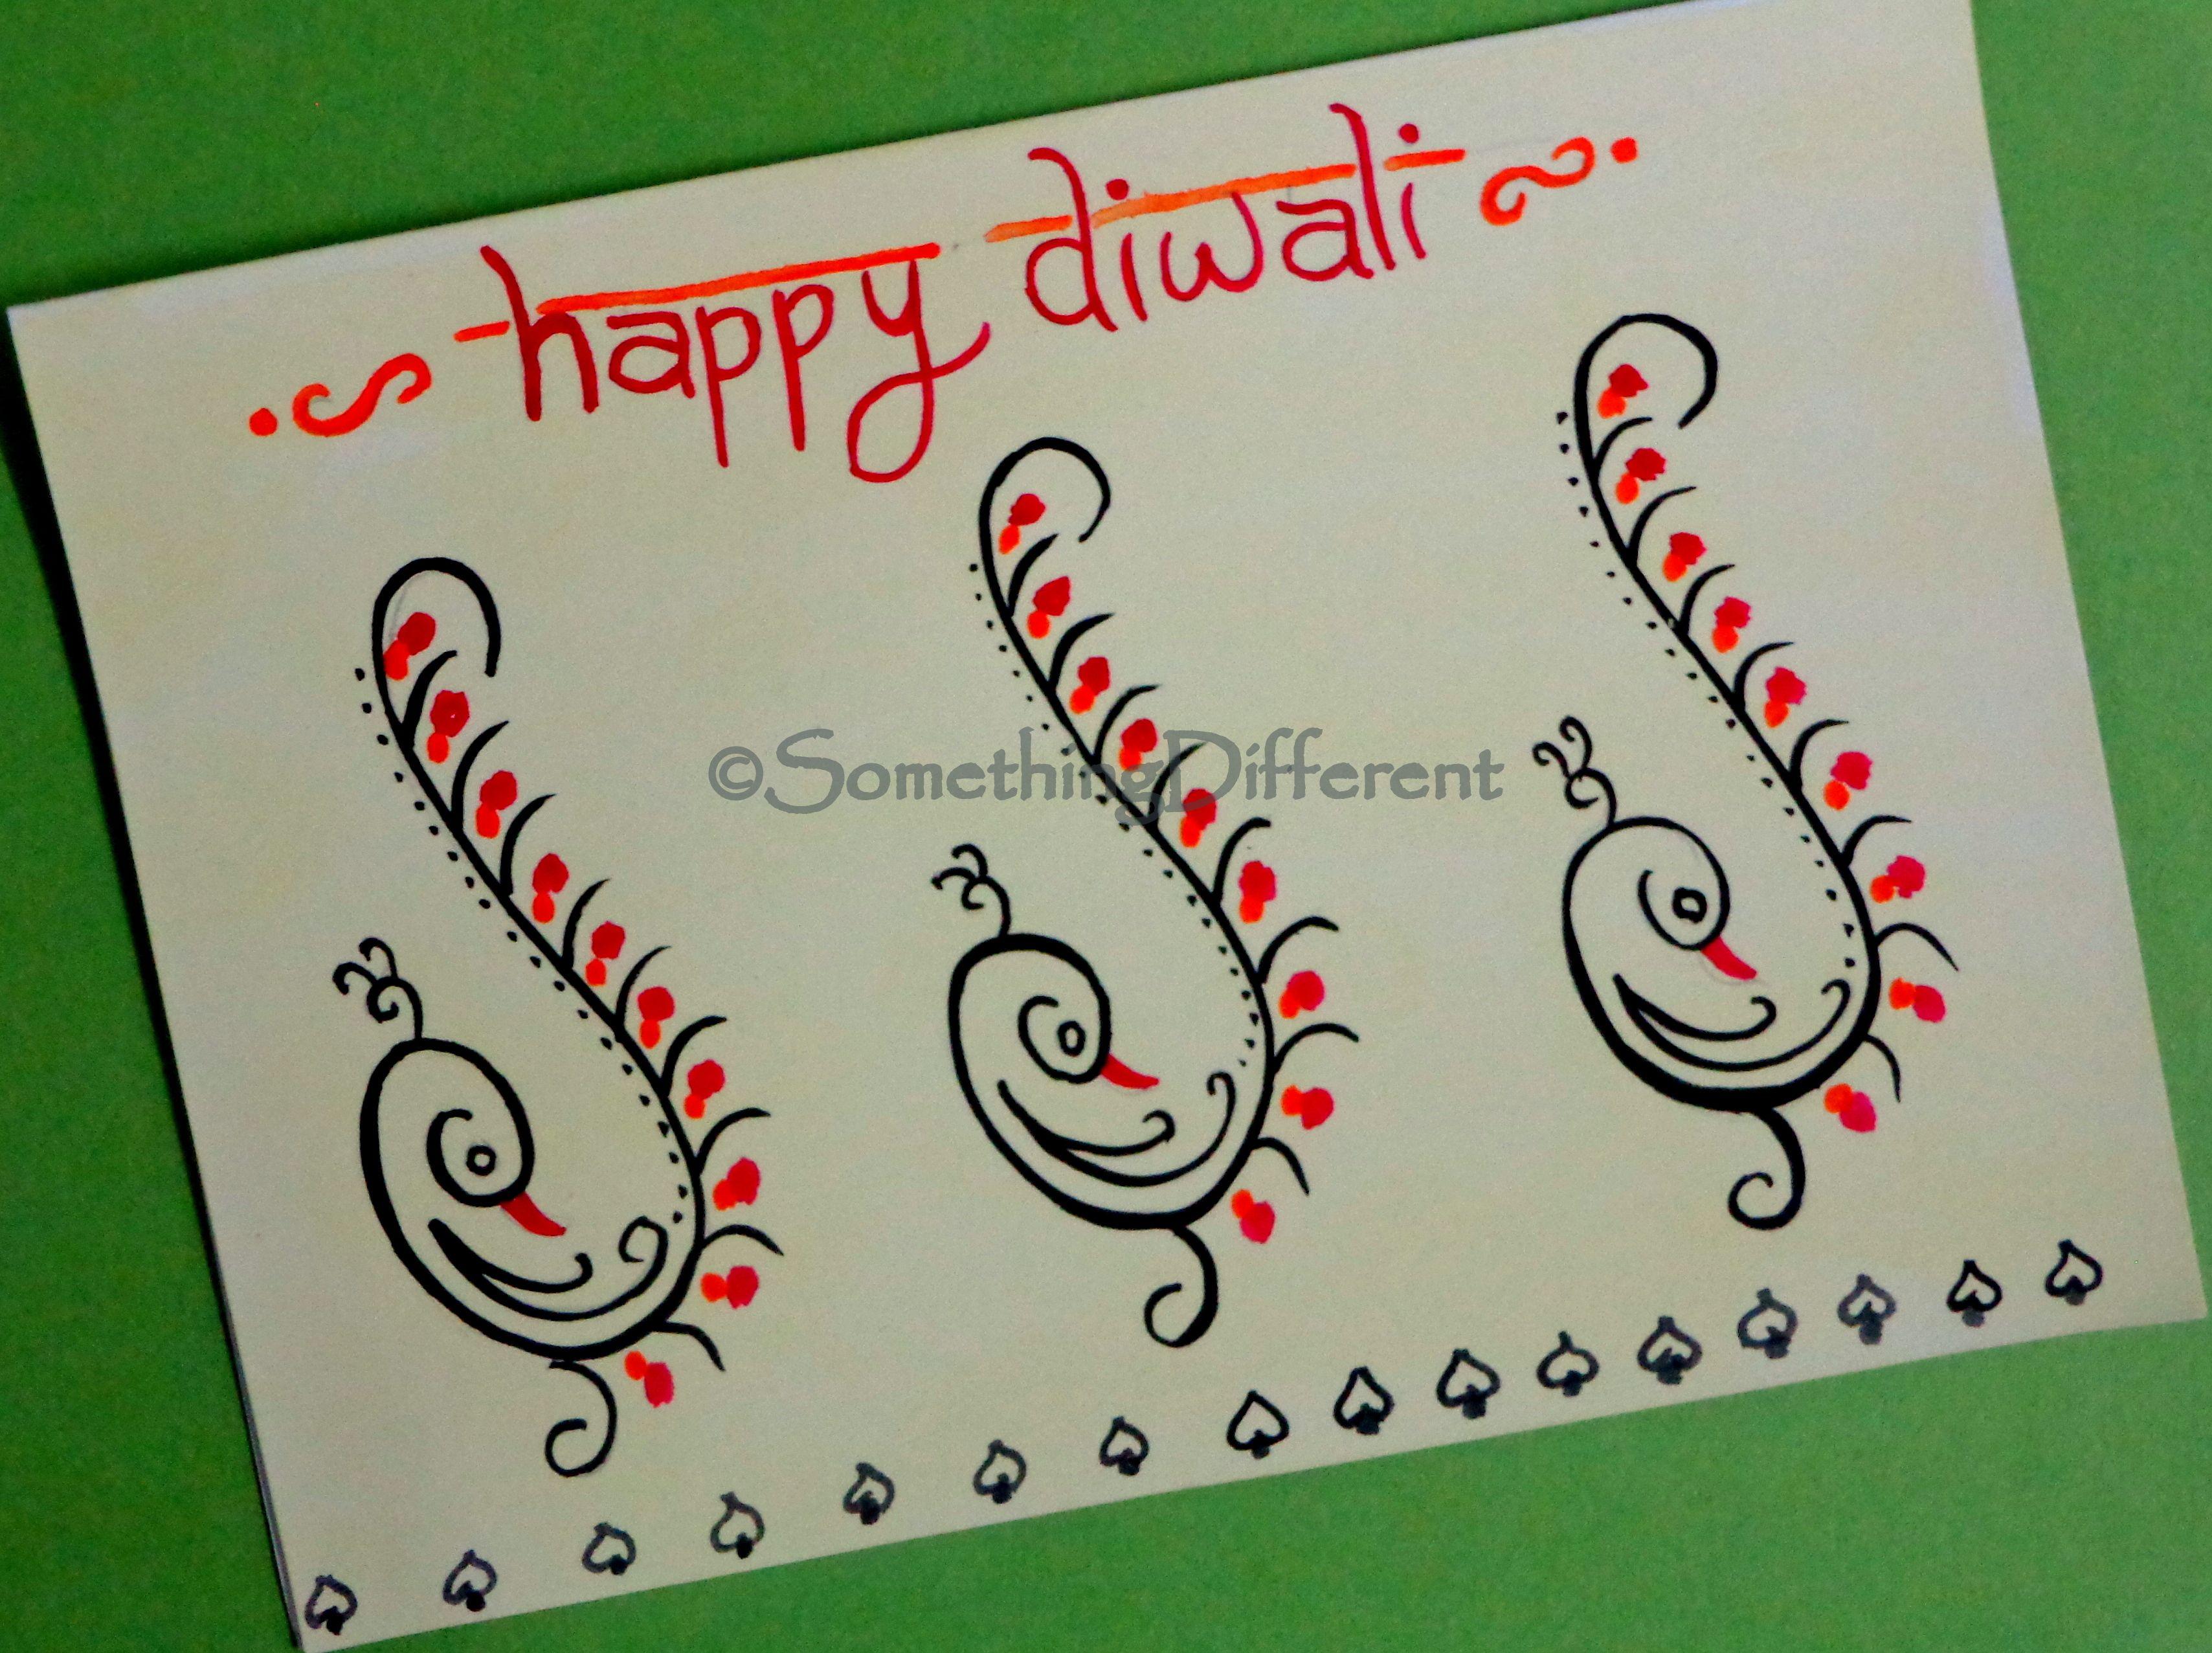 Diwali Greeting Card Diwali Greeting Cards Pinterest Diwali